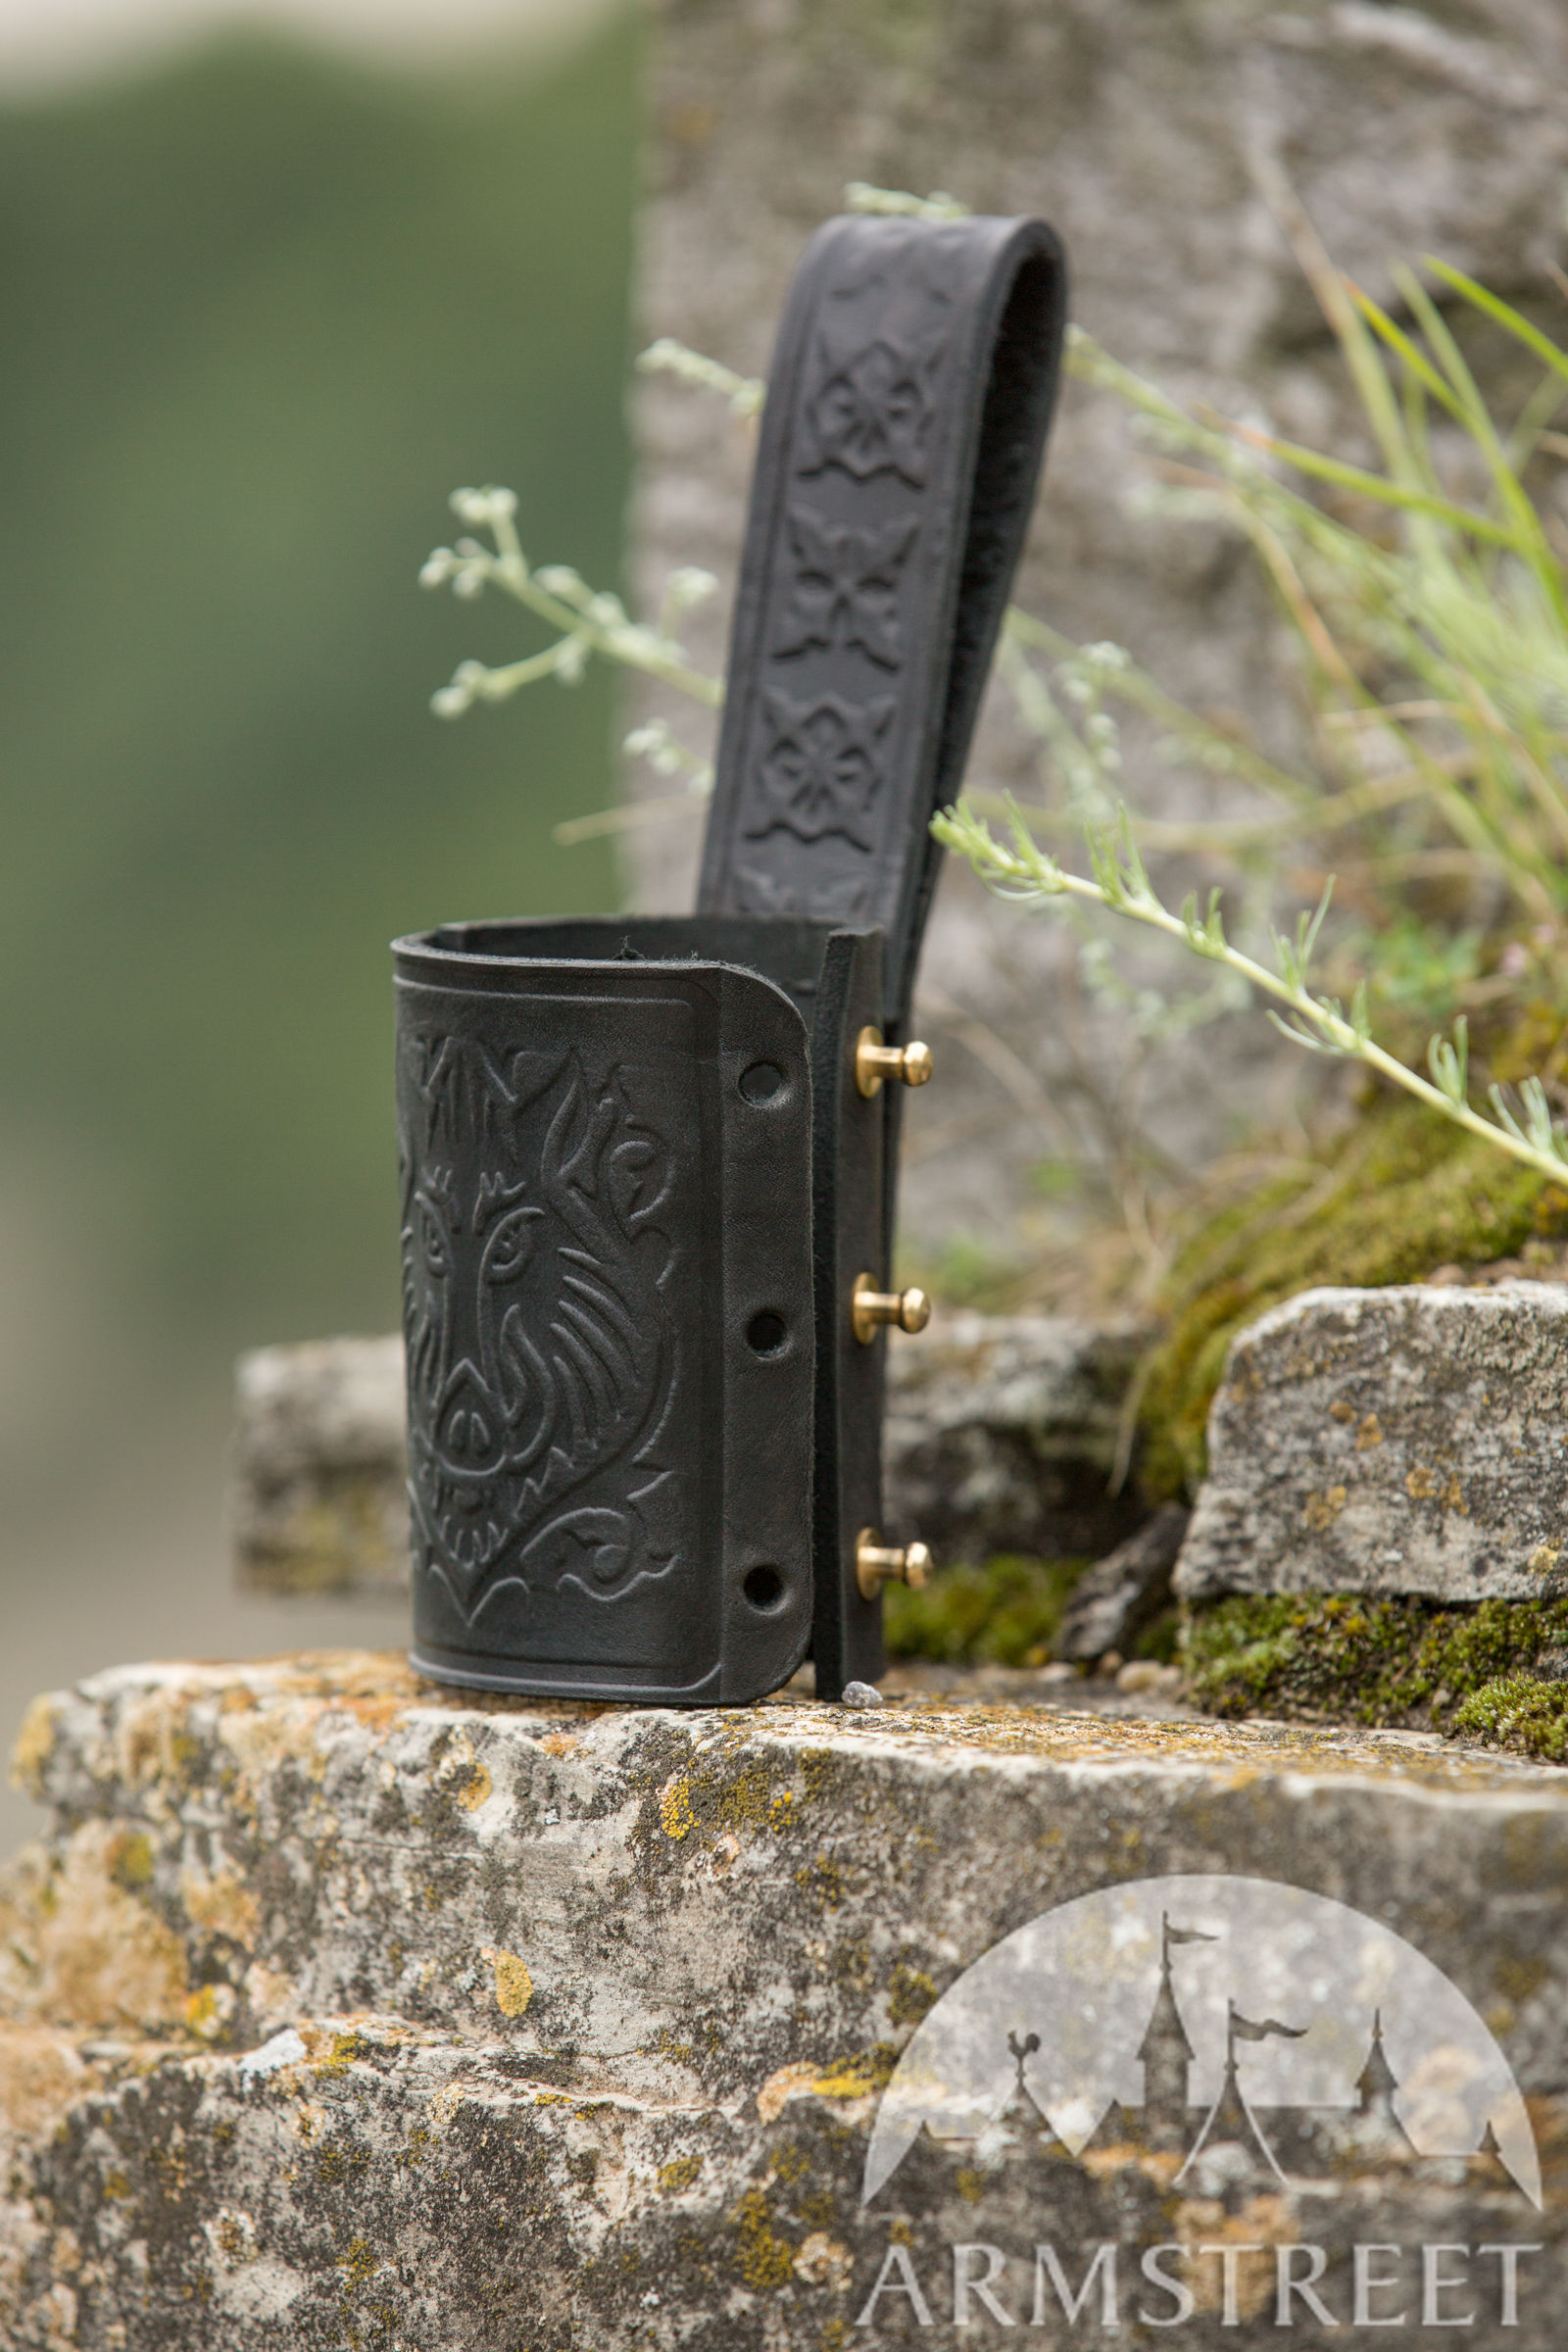 Porte-épée de ceinture en cuir gaufré « Chevalier Rebelle » pour vente.  Disponible en   cuir brun, cuir noir    ArmStreet 04a0e51f955